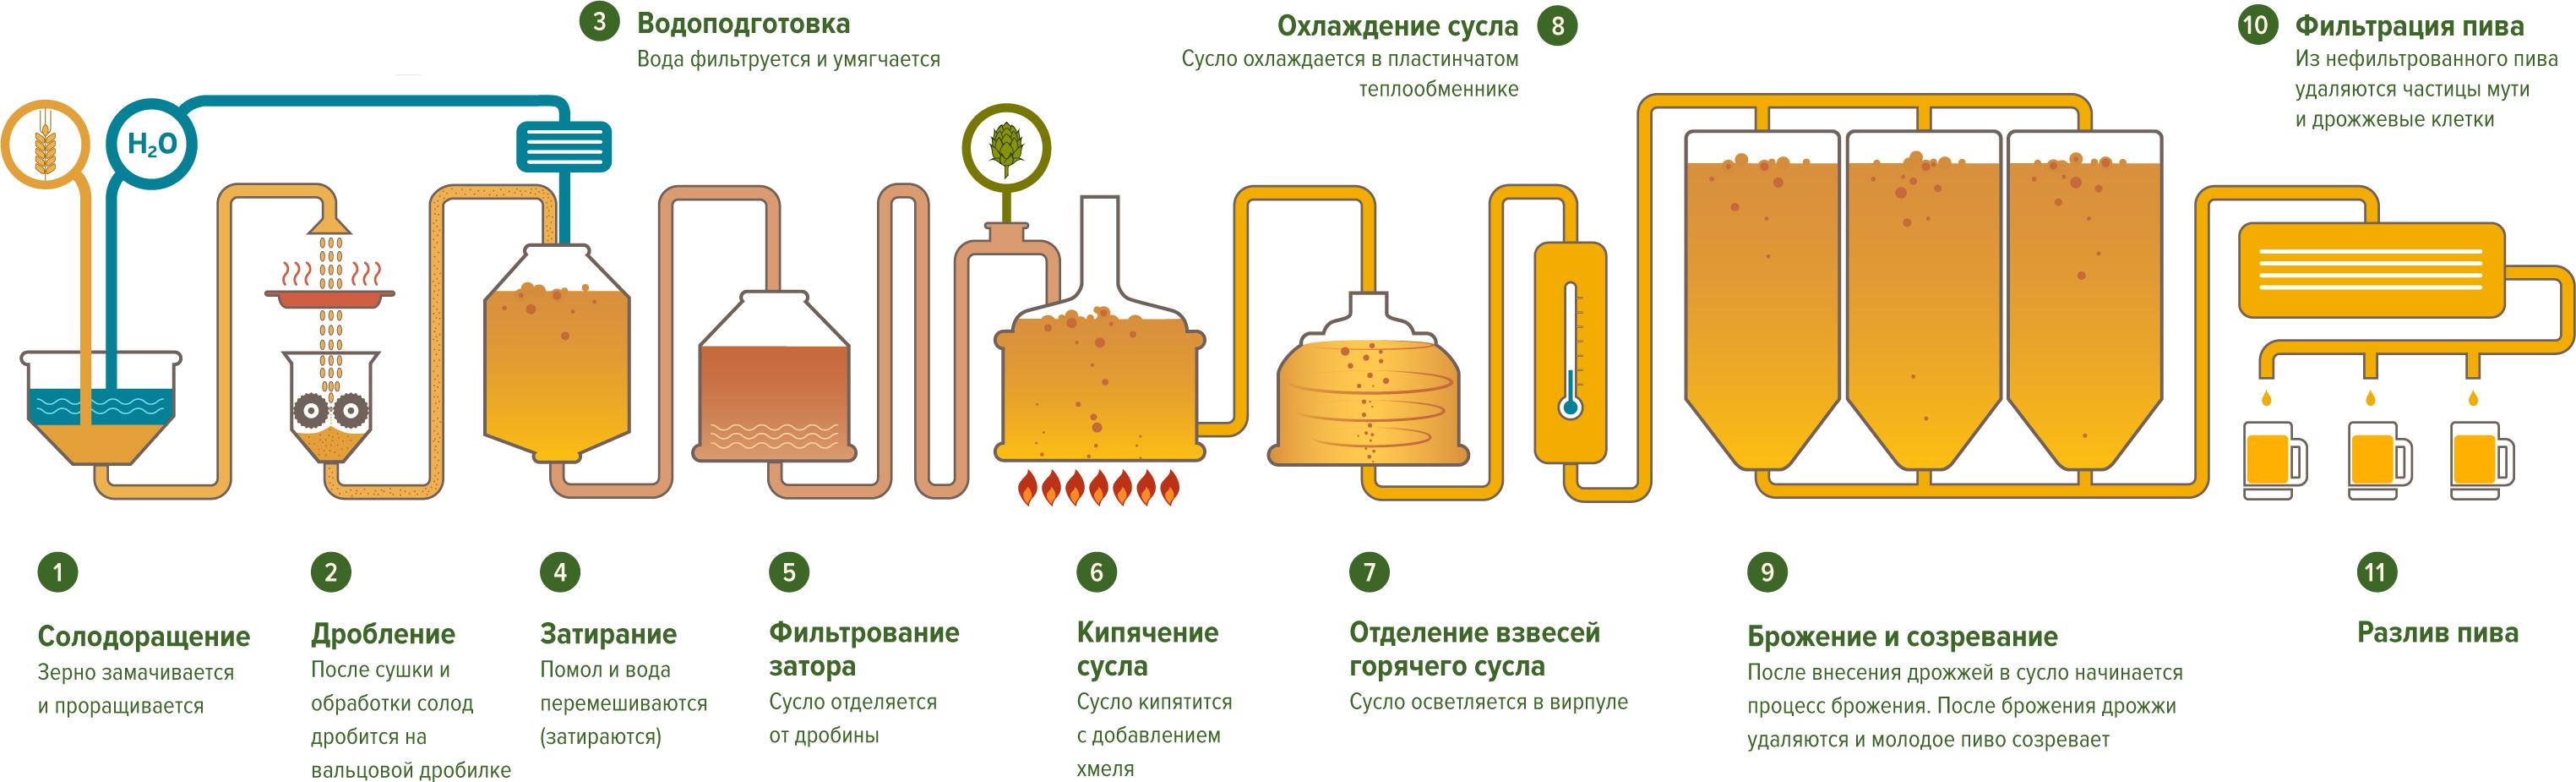 медовуха рецепт приготовления с дрожжами